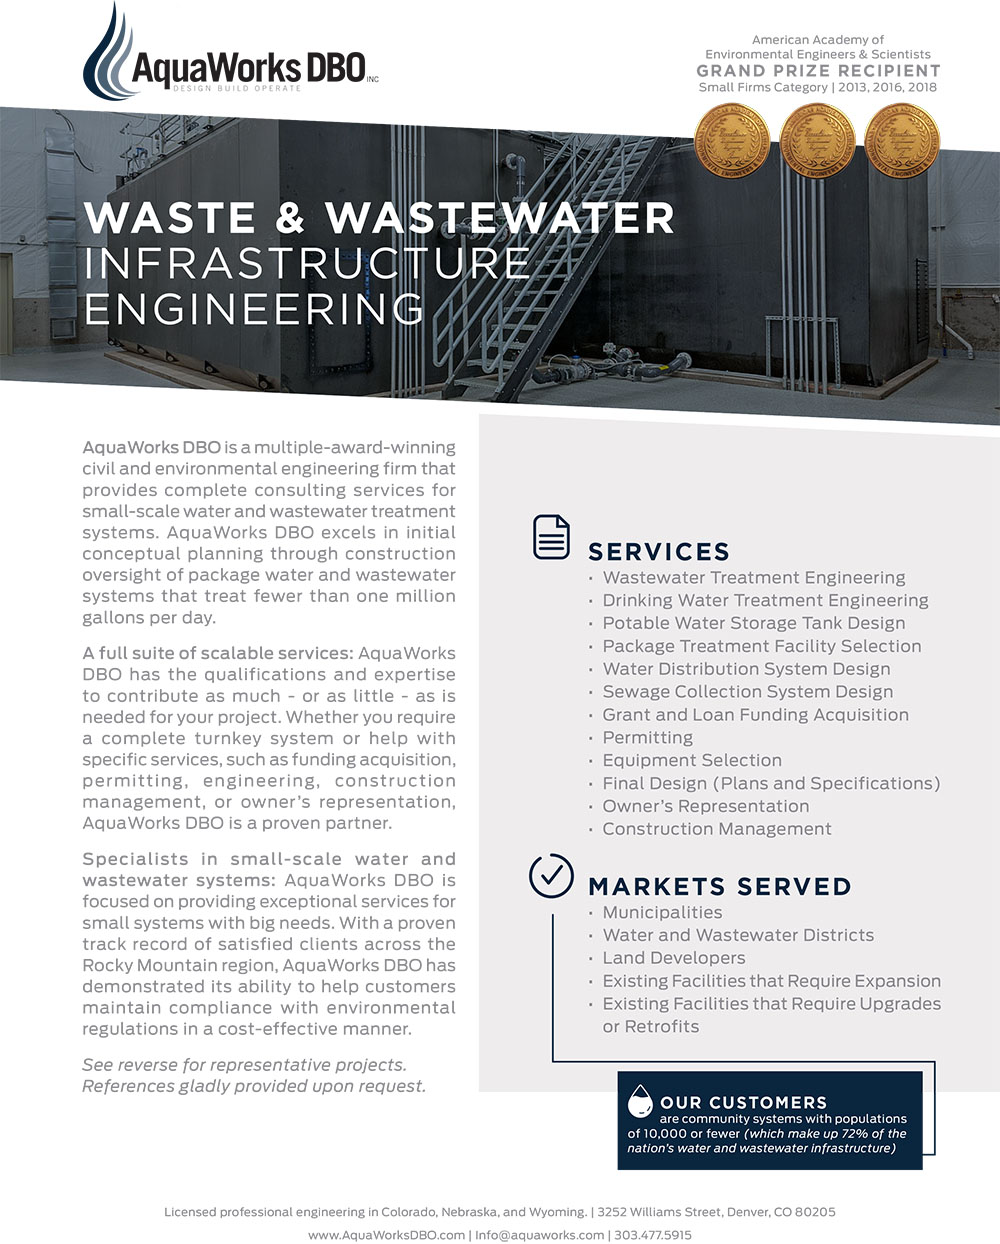 Value - AquaWorks DBO, Inc  - Design Build Operate